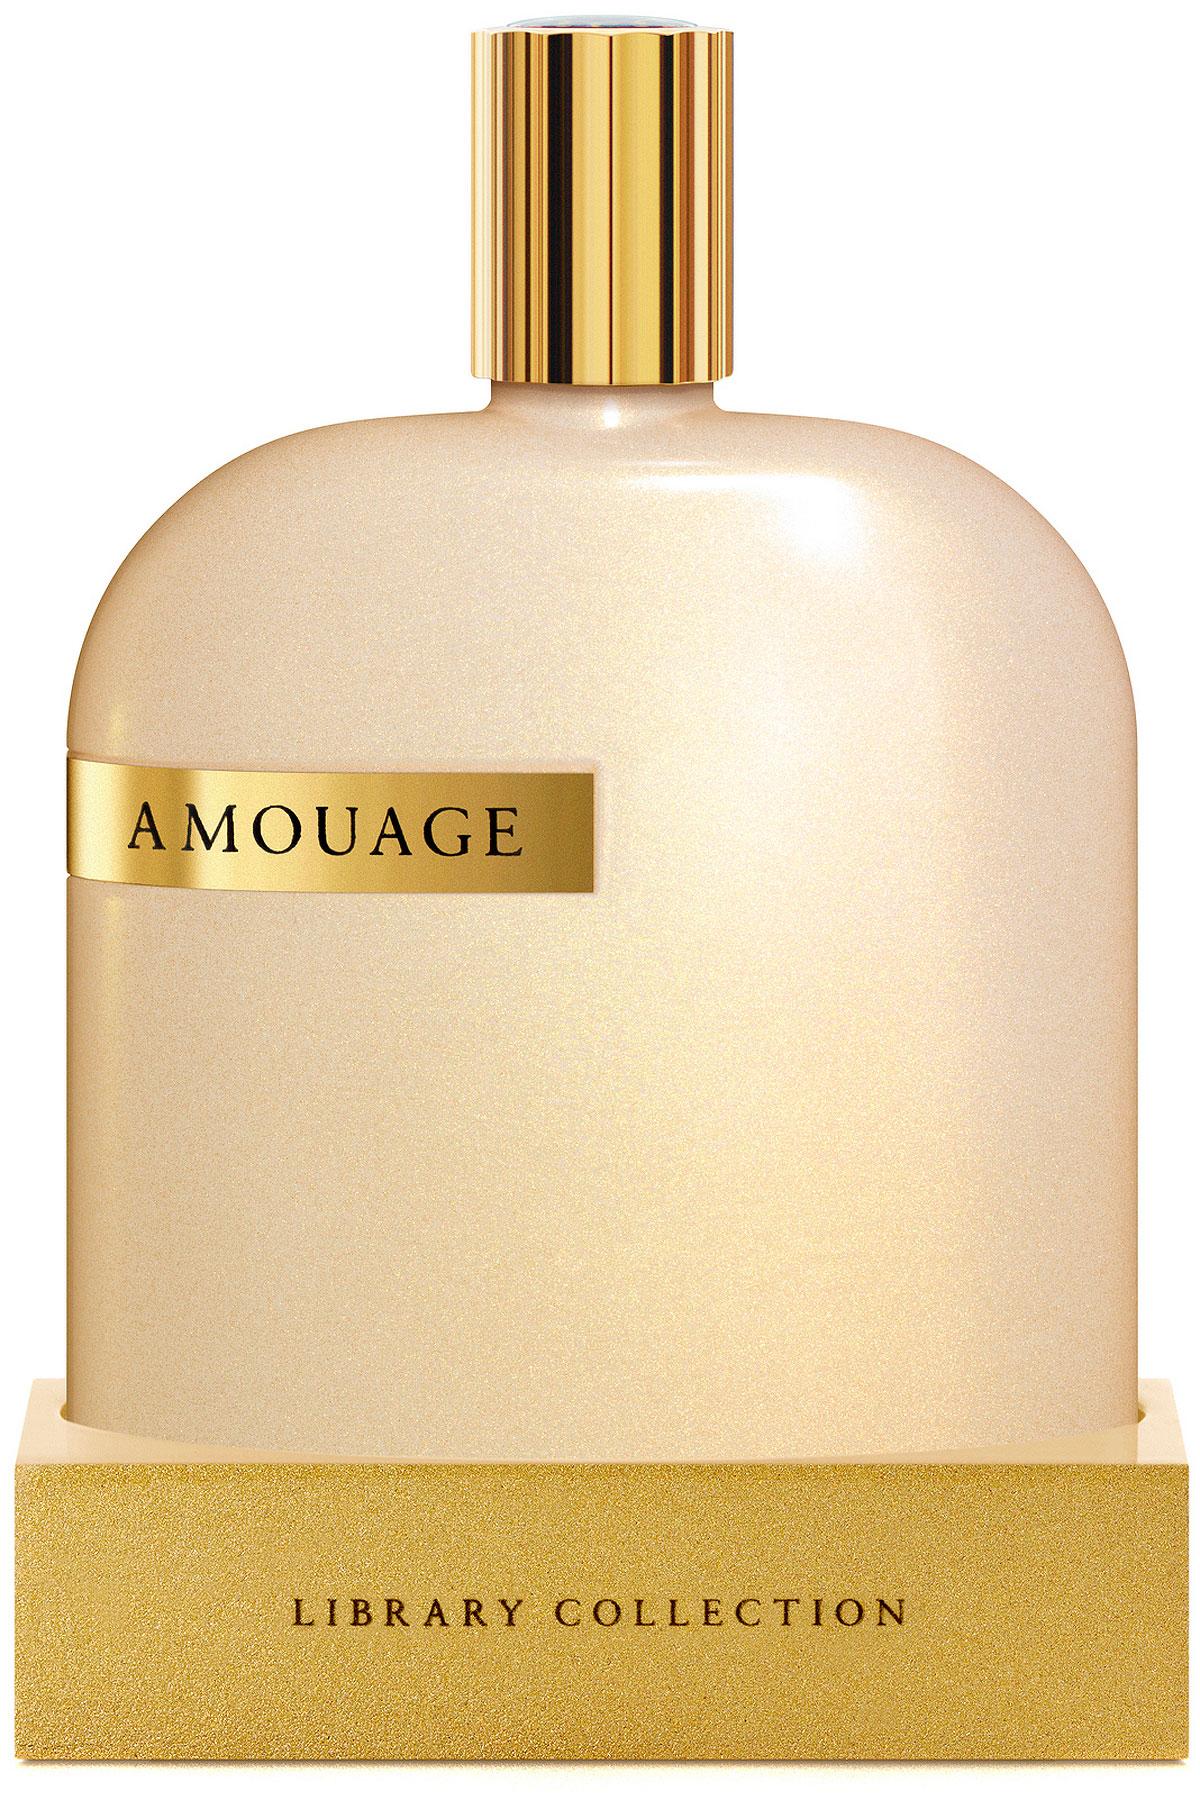 Amouage Fragrances for Women, Opus Vii - Eau De Parfum - 100 Ml, 2019, 100 ml